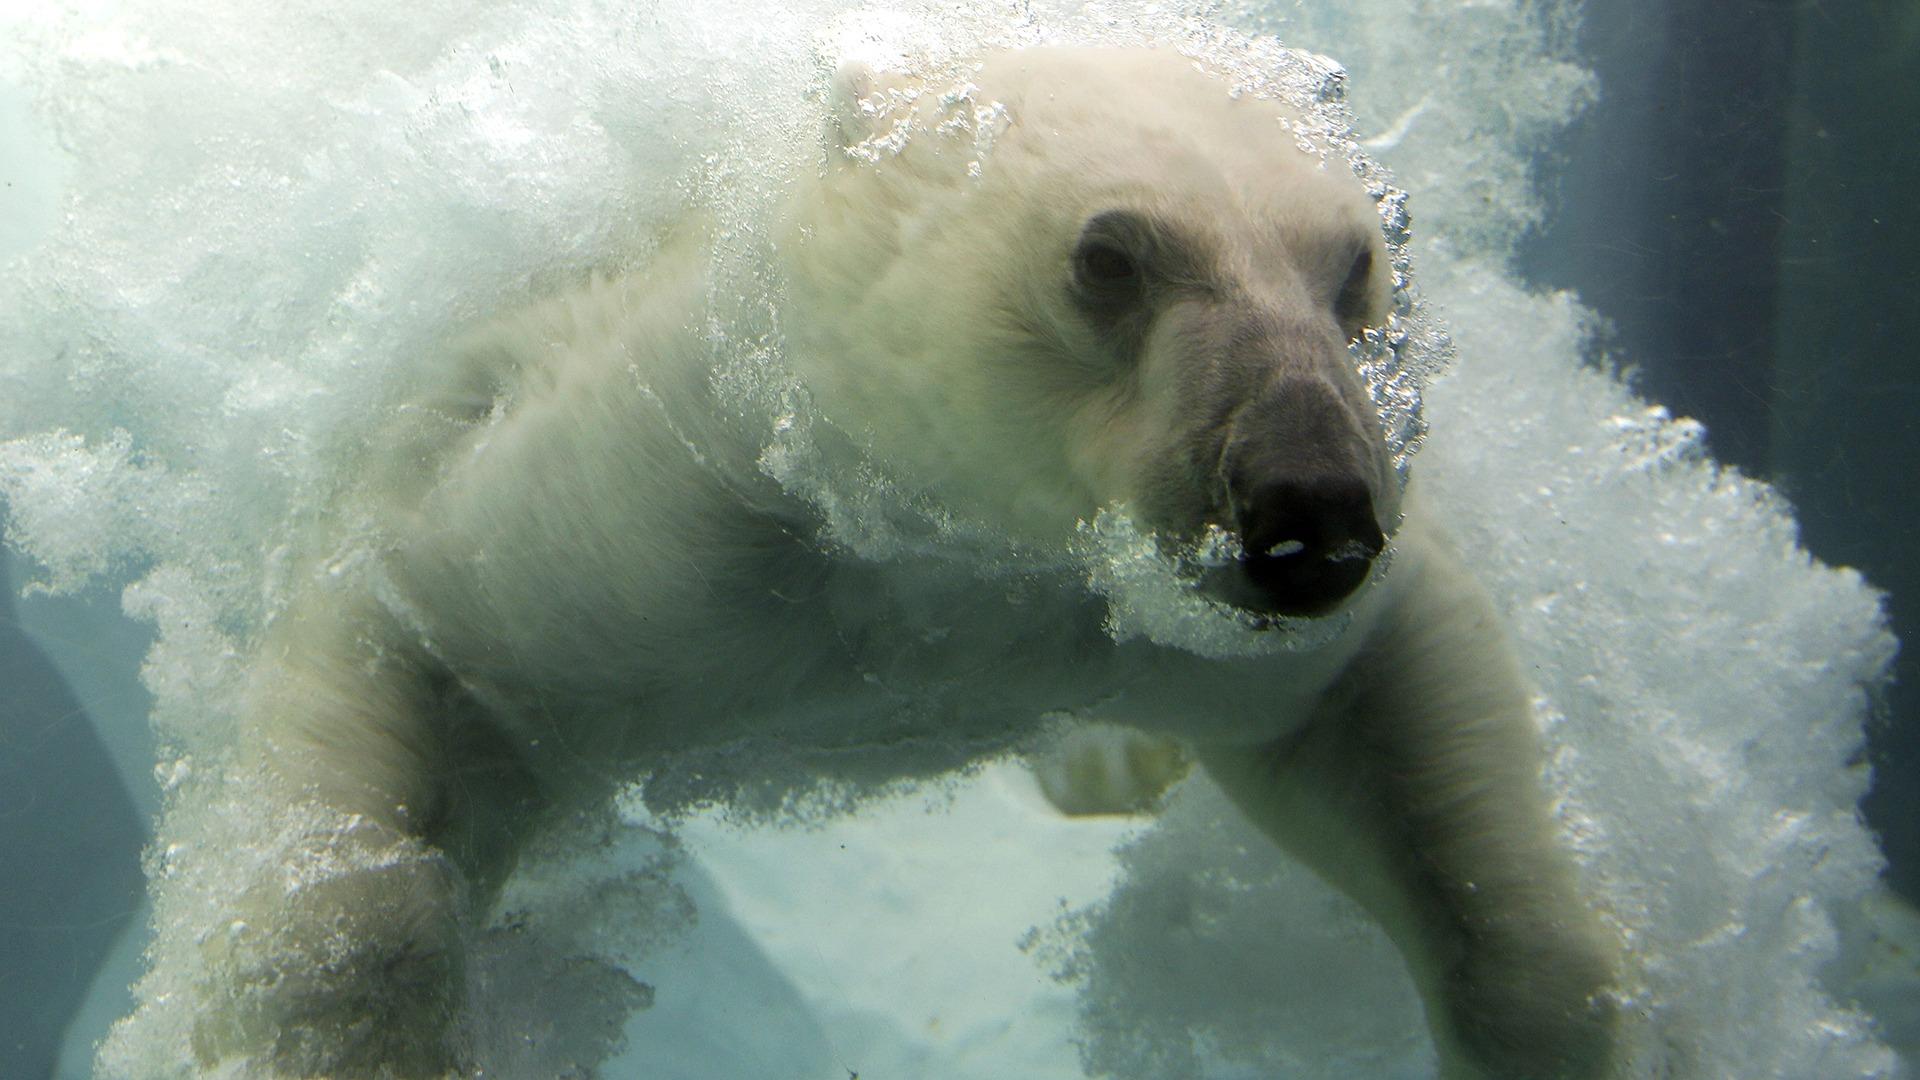 Image: Polar bear at Ueno Zoo